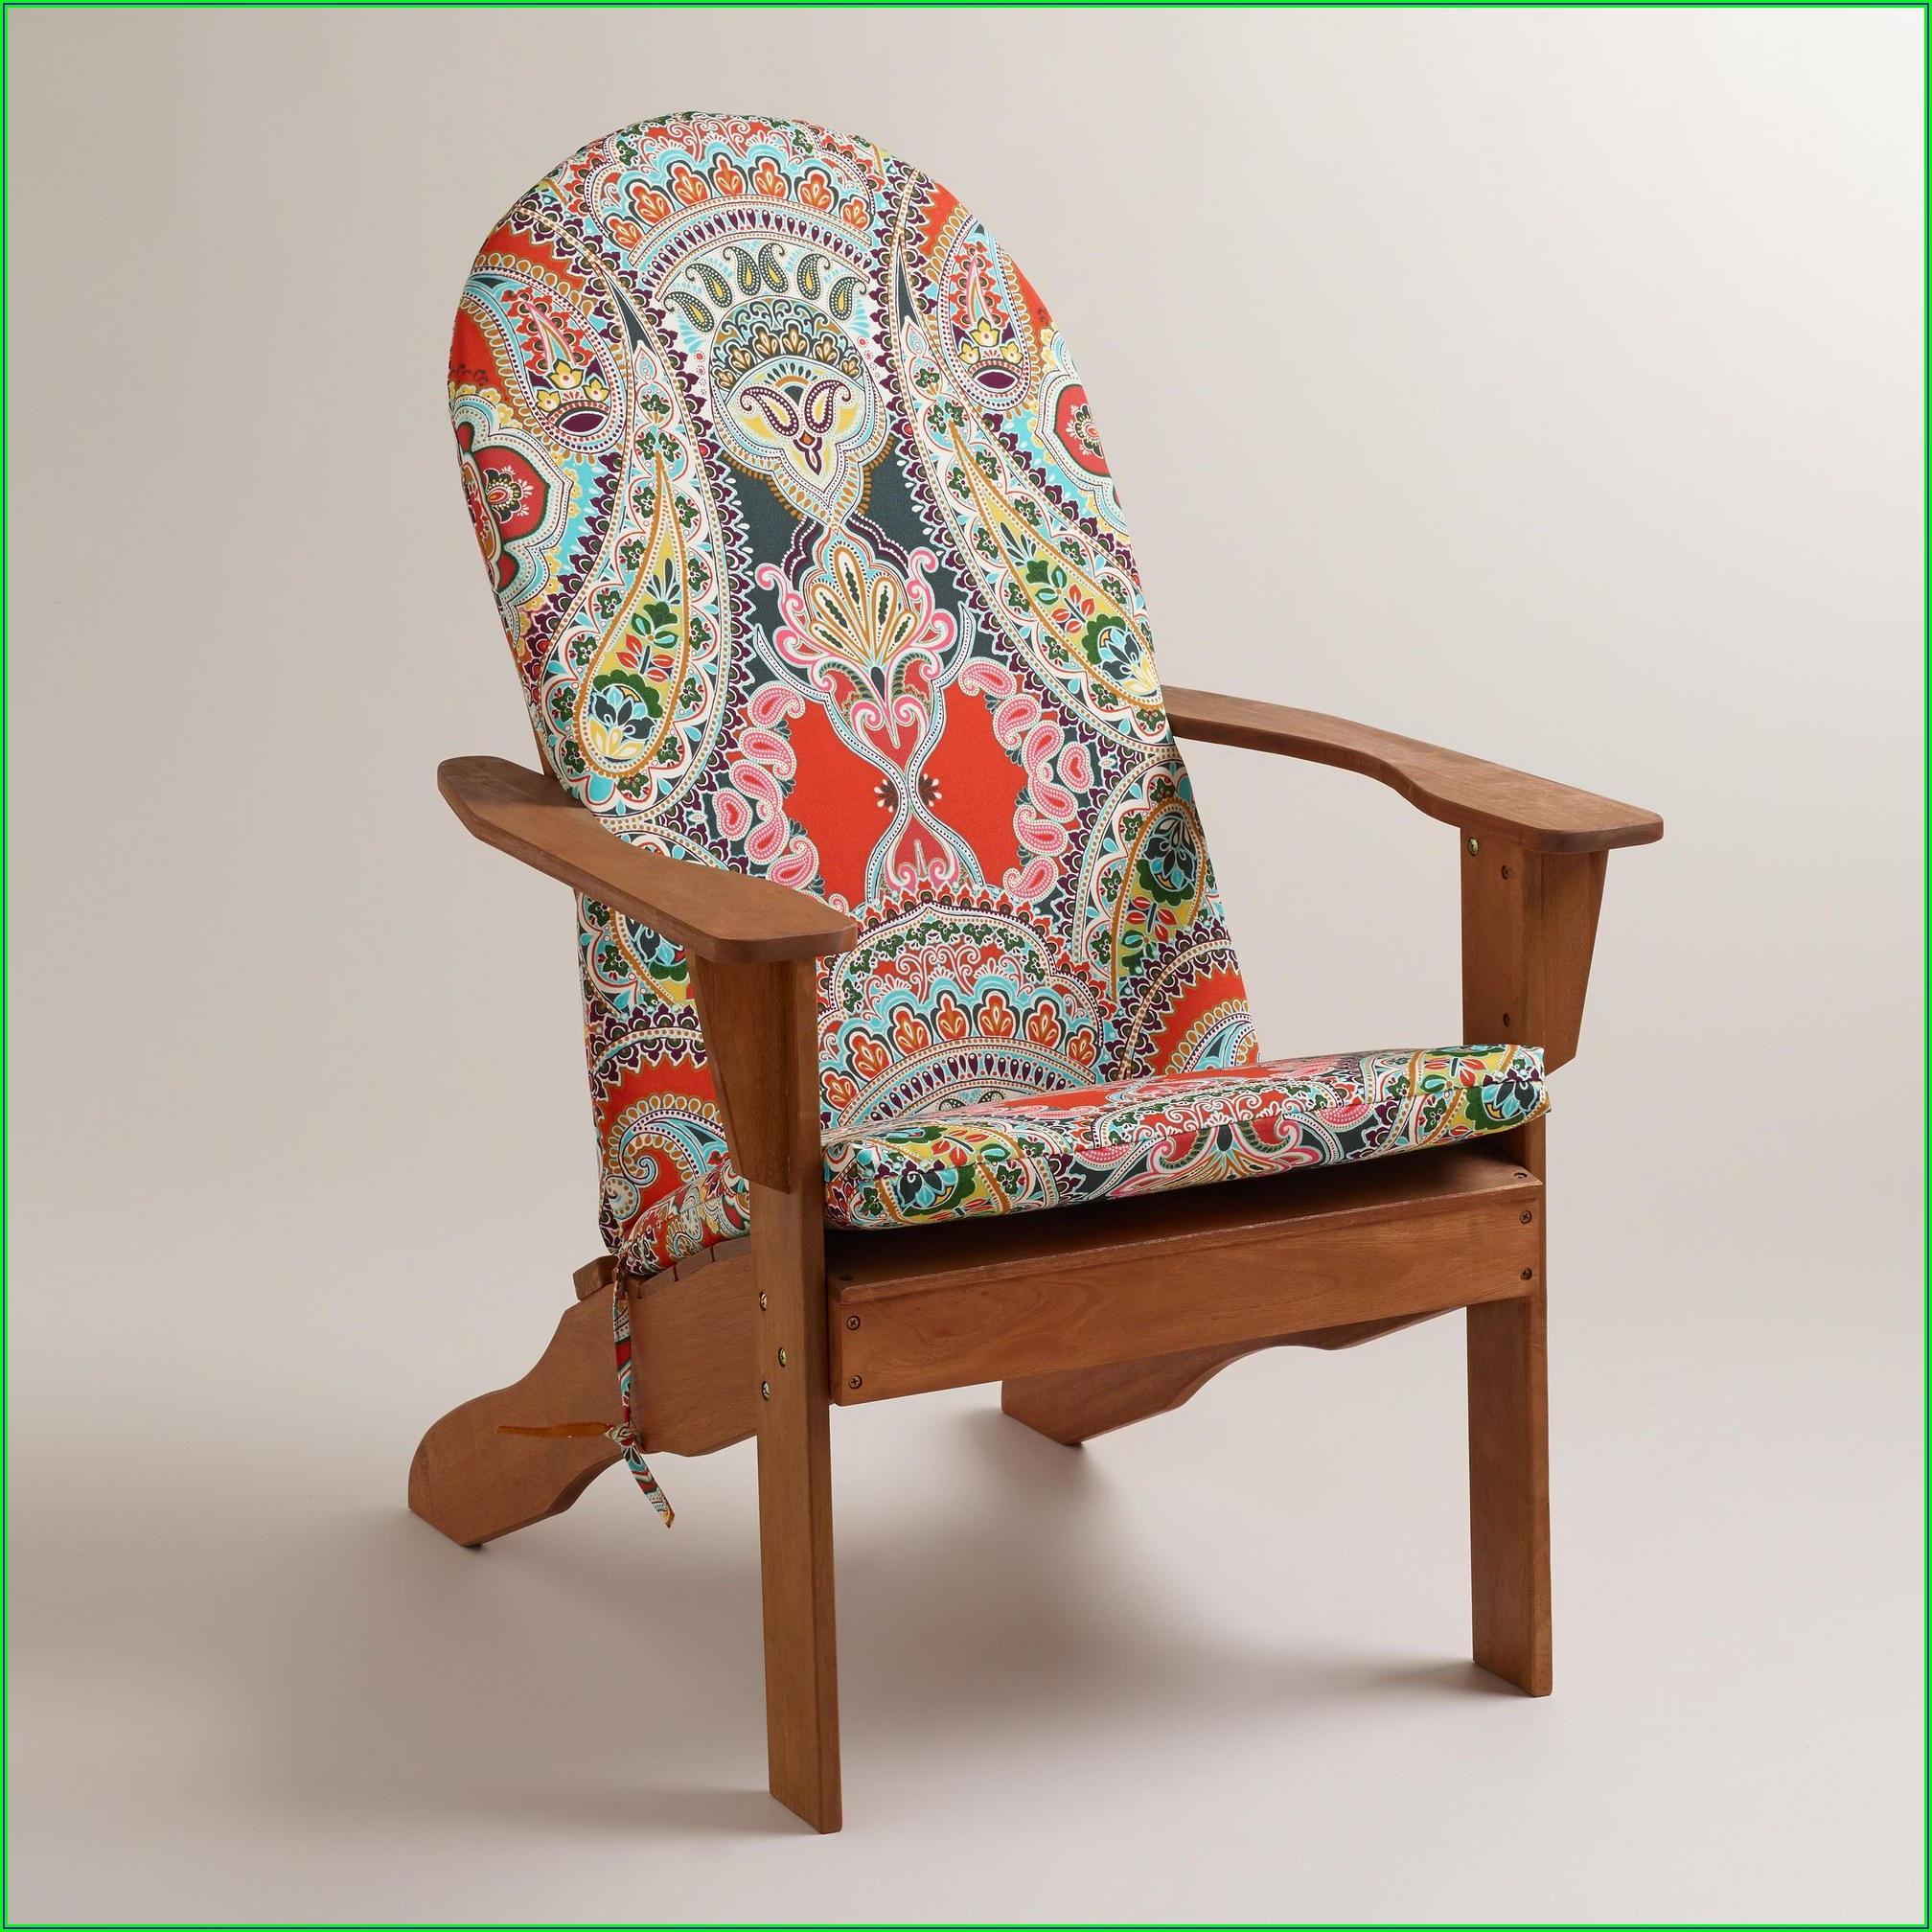 World Market Patio Chair Cushions